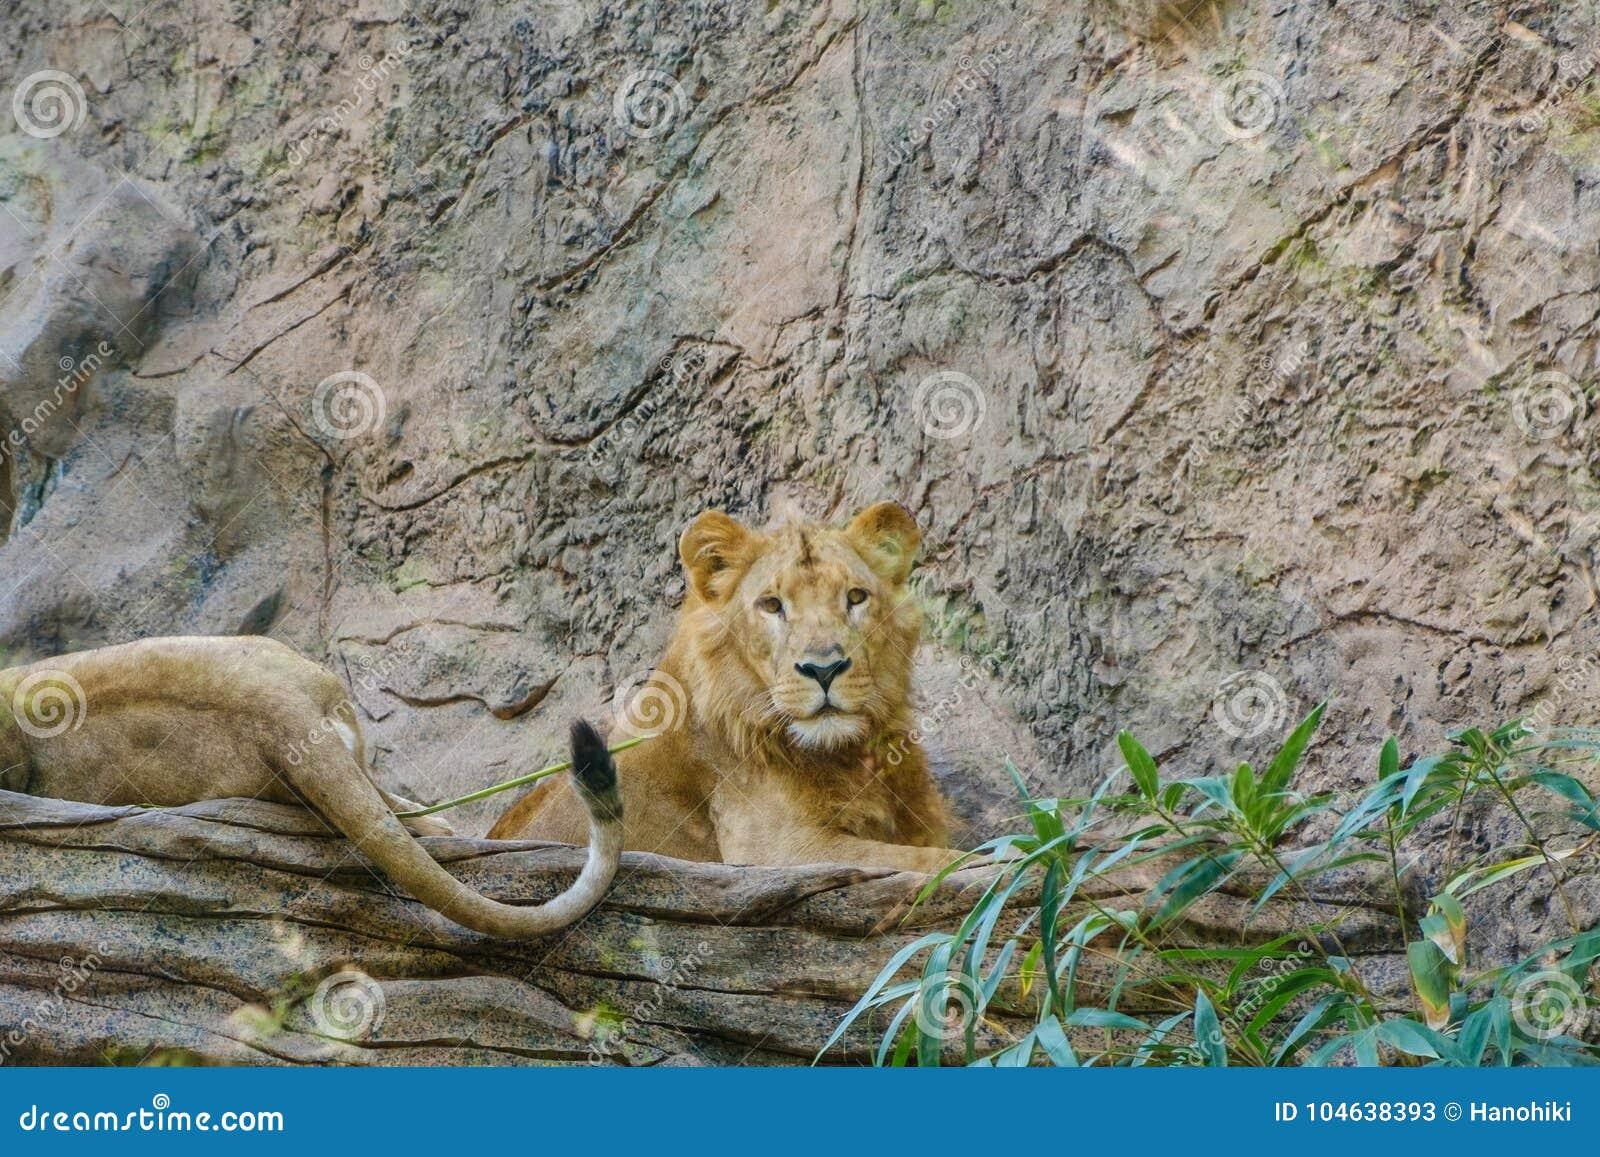 Download Leeuw, Groep Leeuwen Die Op Steen Leggen Stock Afbeelding - Afbeelding bestaande uit schoonheid, lying: 104638393